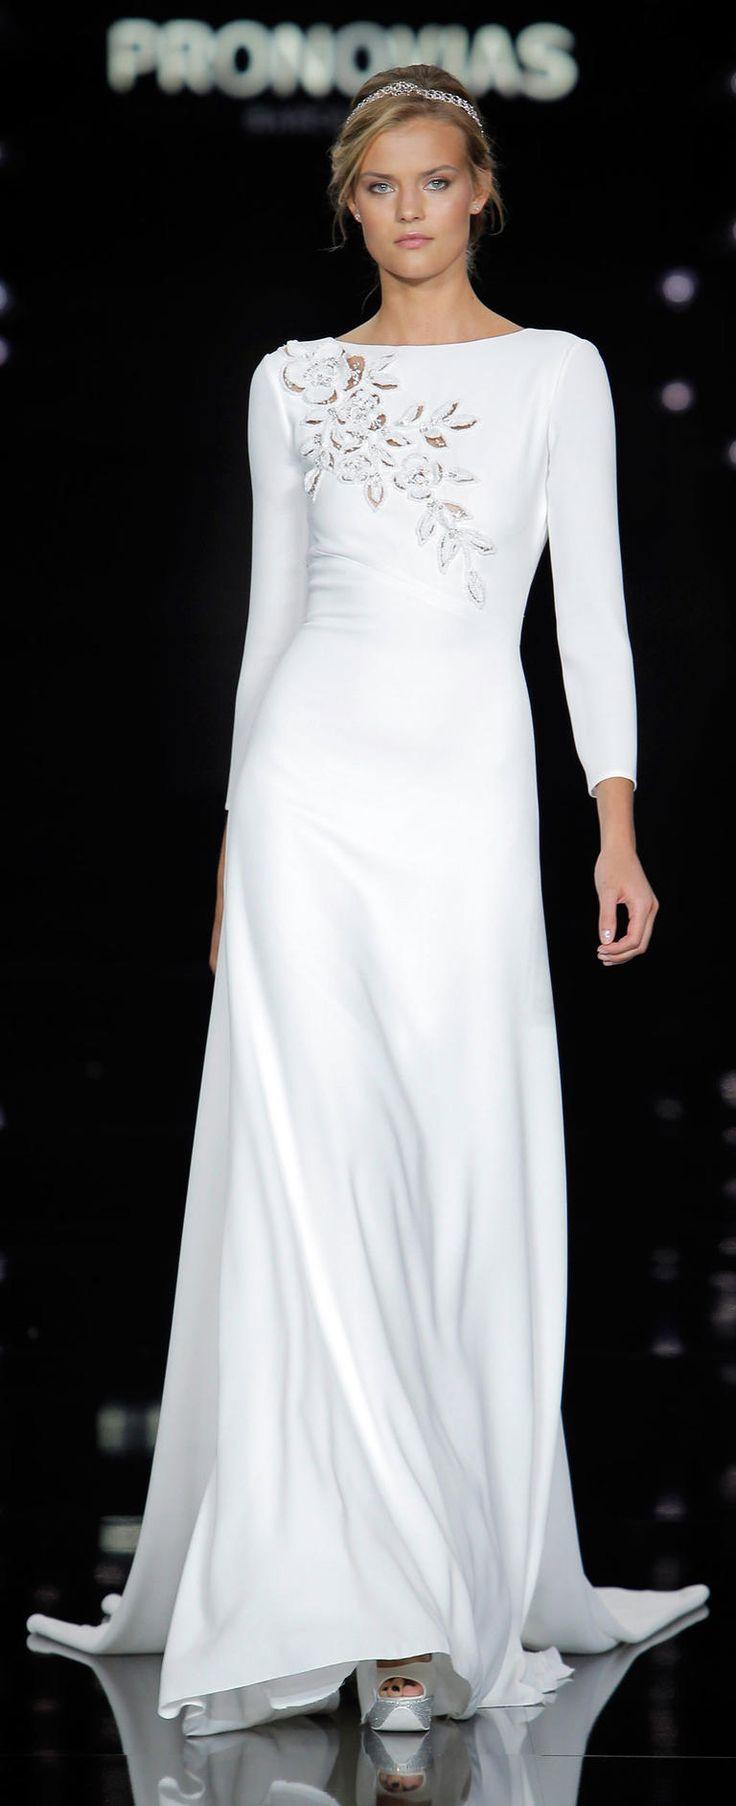 Atelier Pronovias 2017 | https://www.theknot.com/content/atelier-pronovias-wedding-dresses-2017